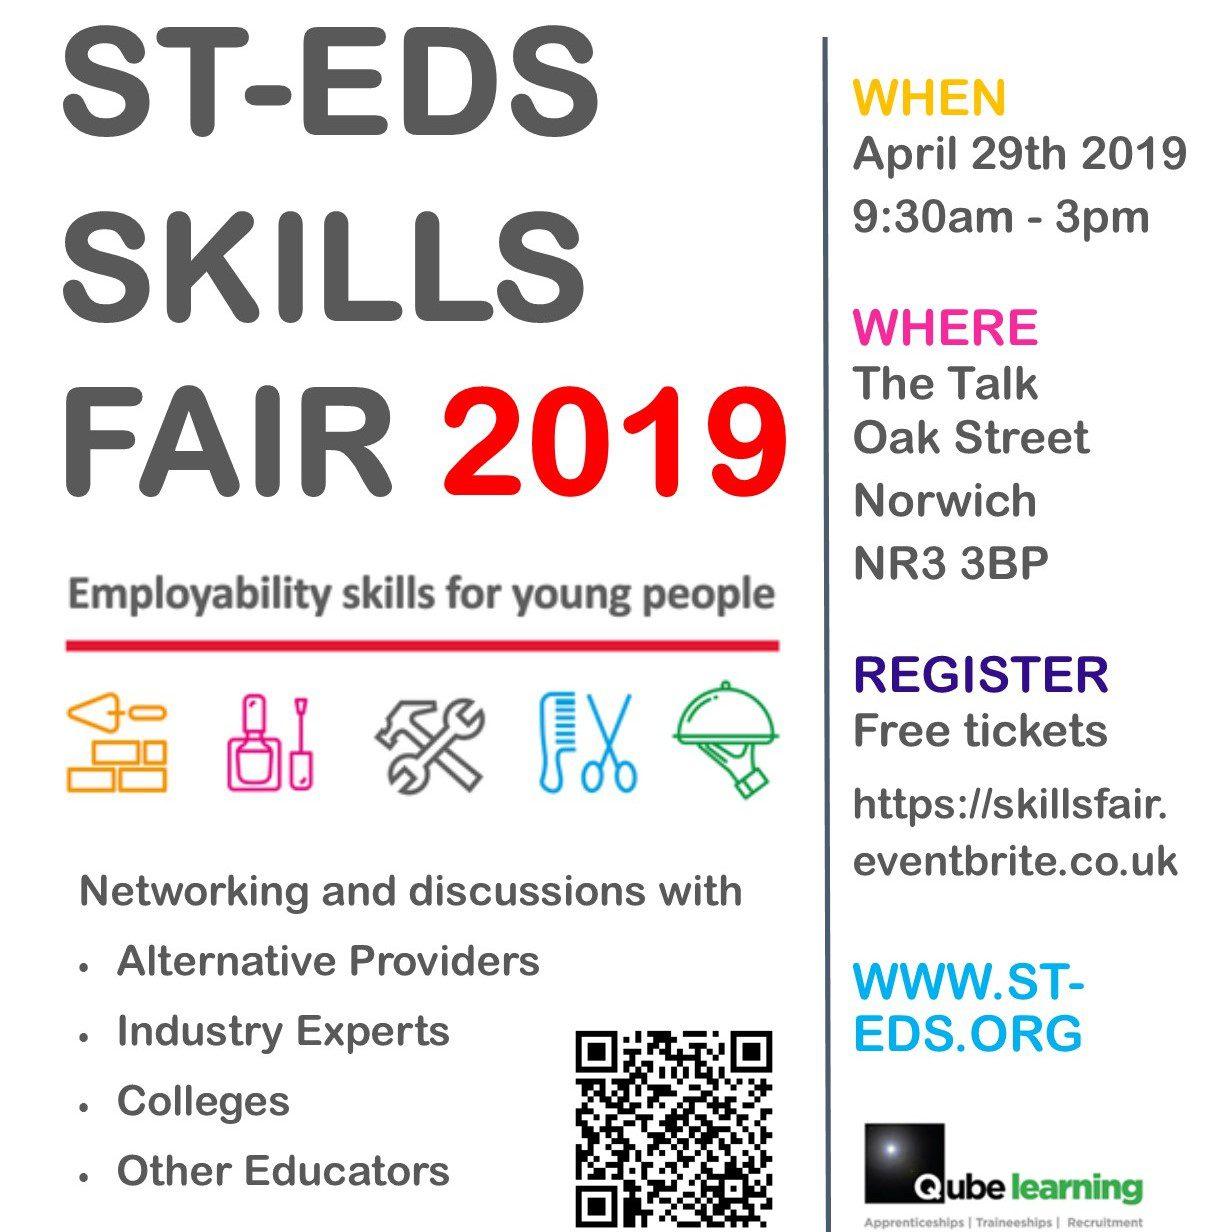 St Eds Skills Fair 2019 Logo